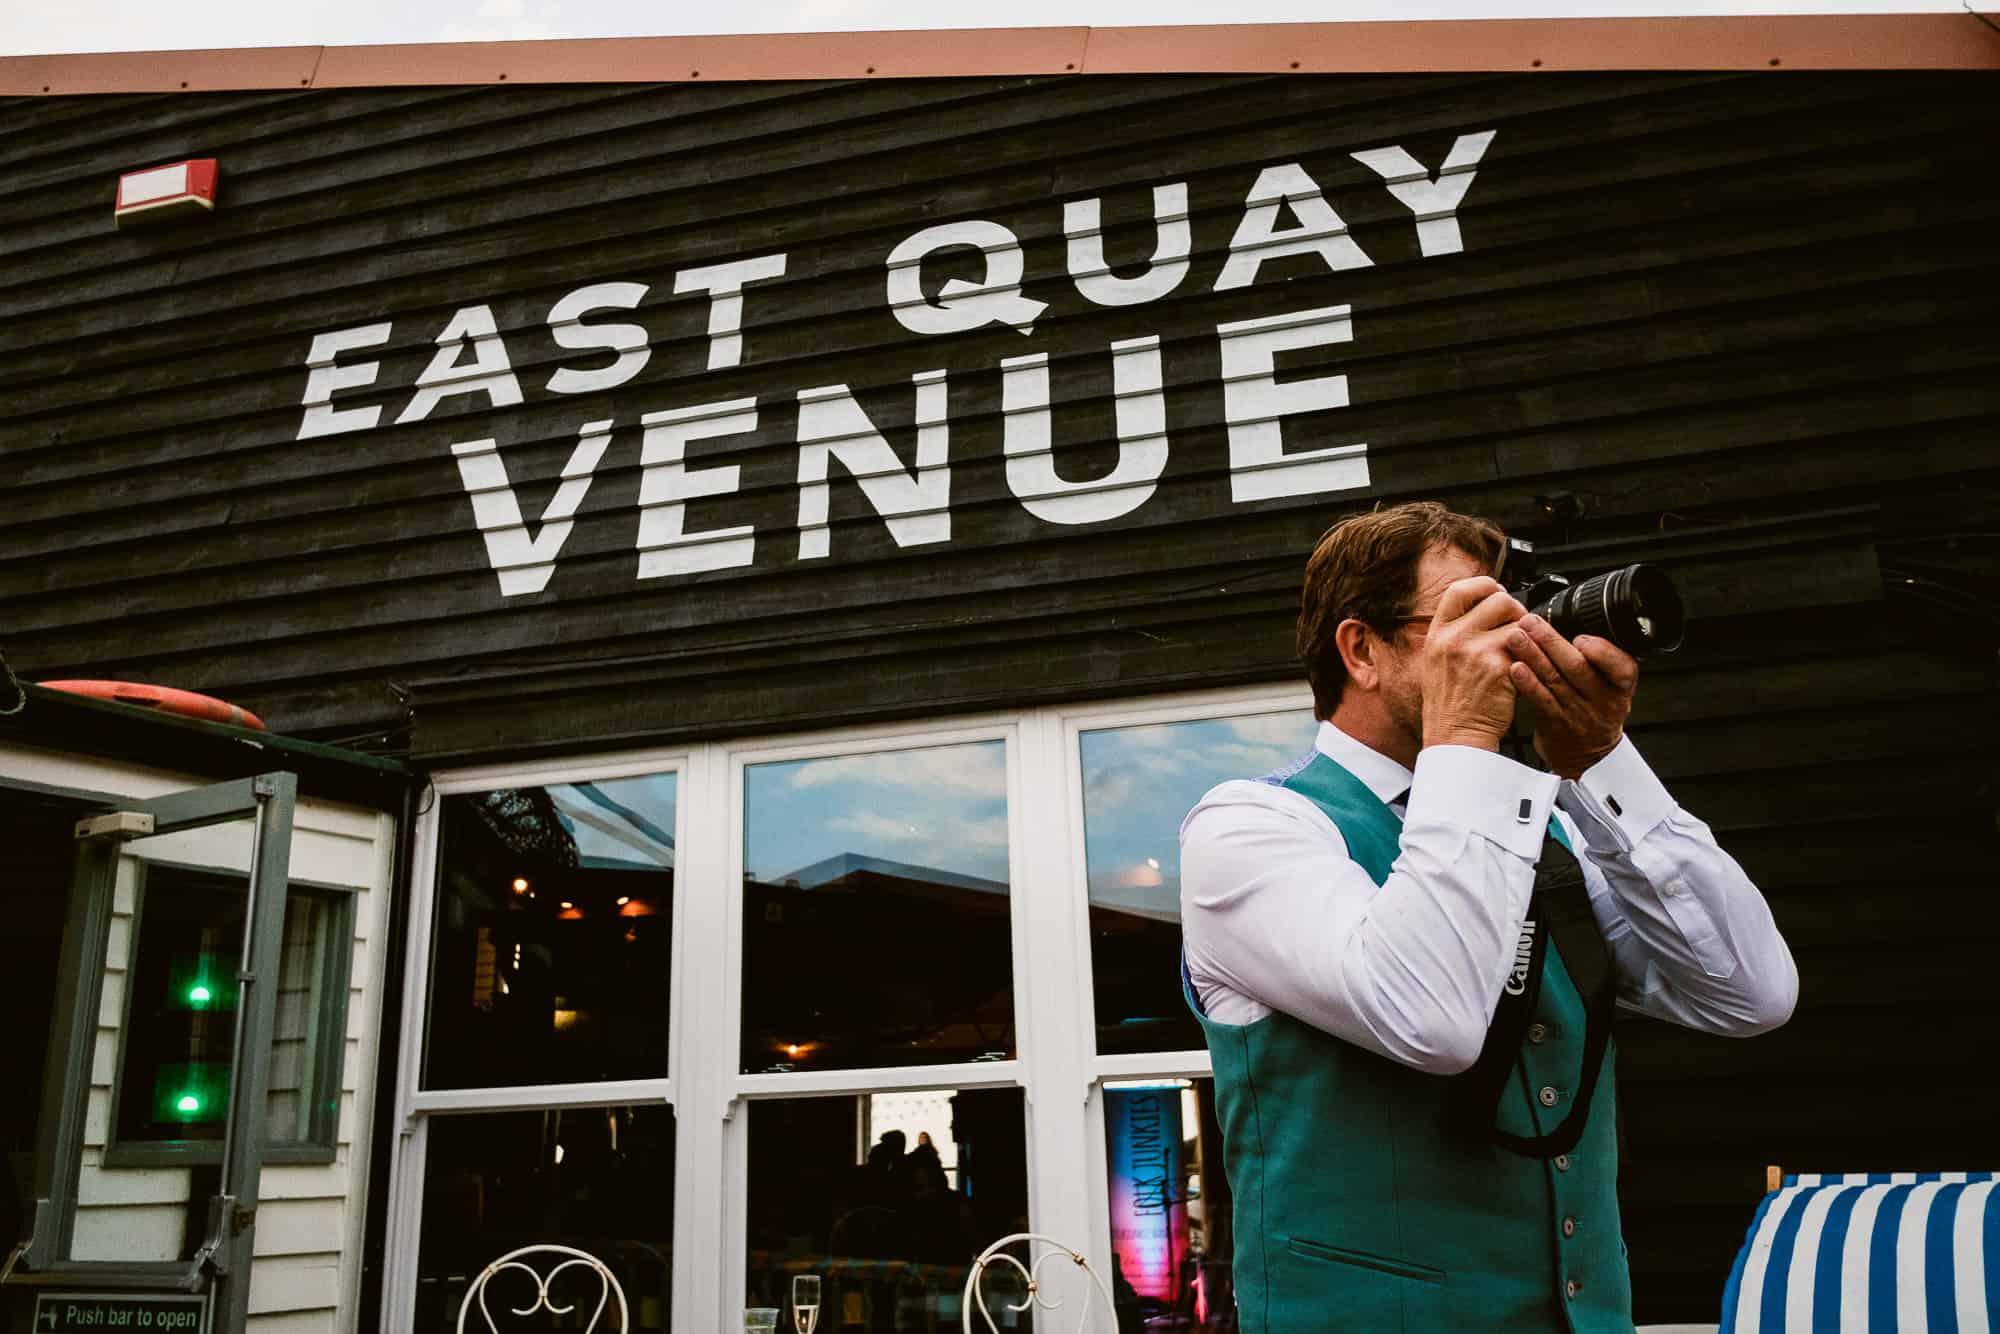 east-quay-wedding-photography-matt-tyler-0081